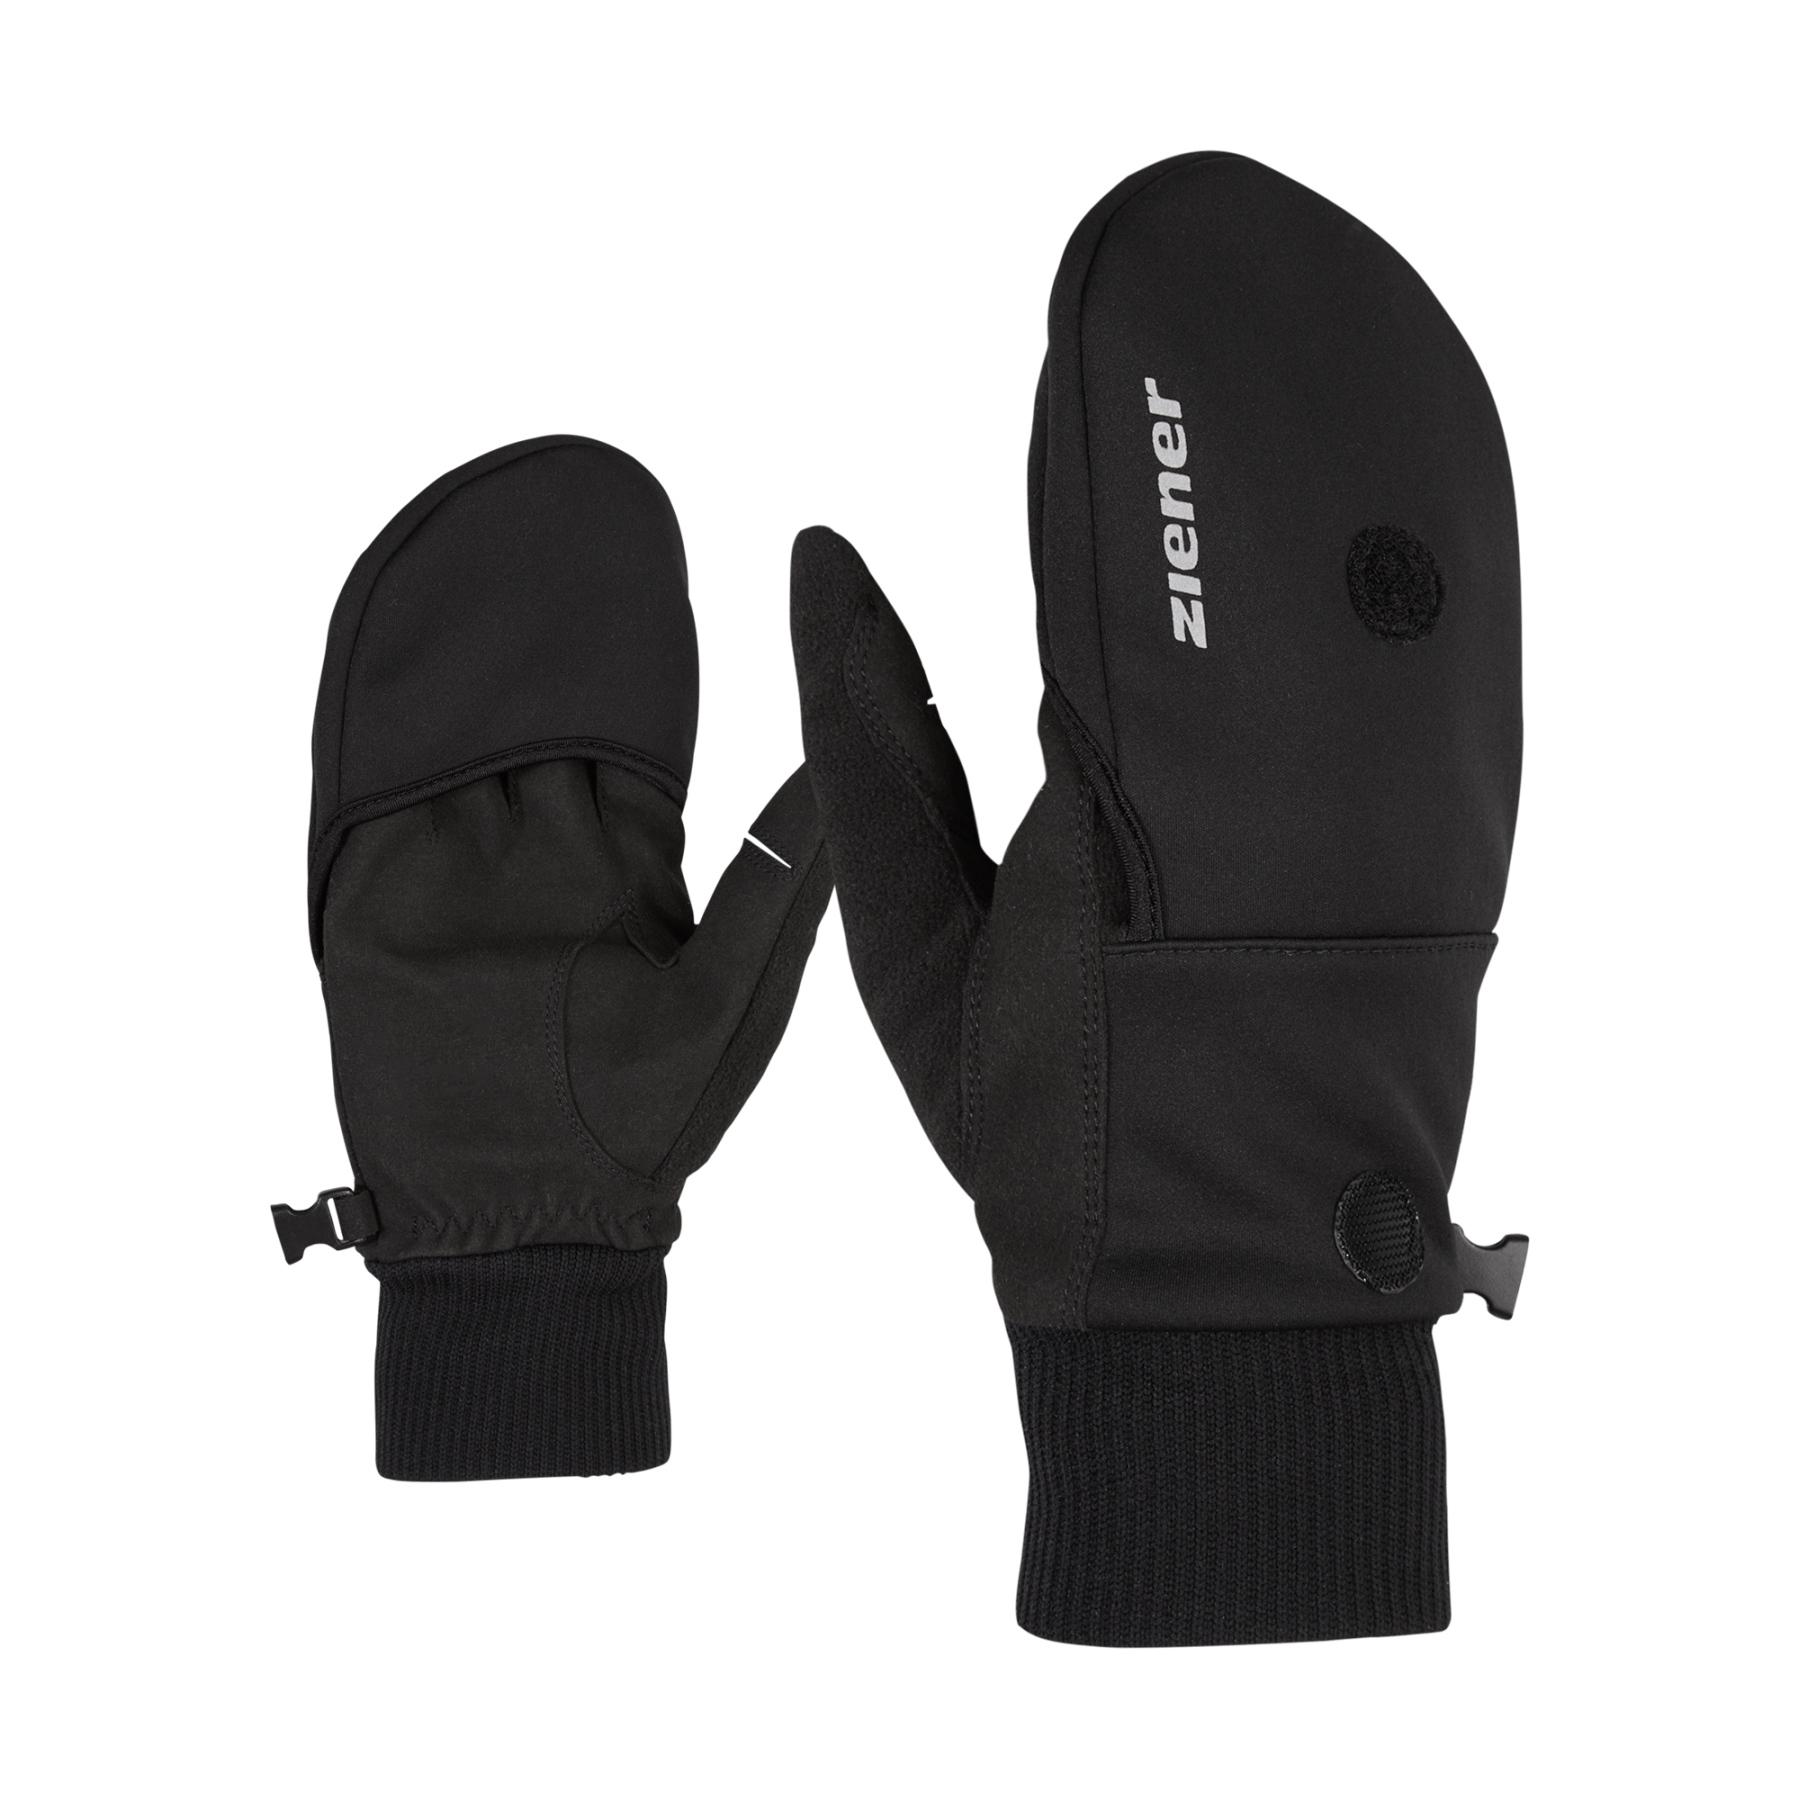 Image of Ziener Imor Multisport Short Finger Gloves - black